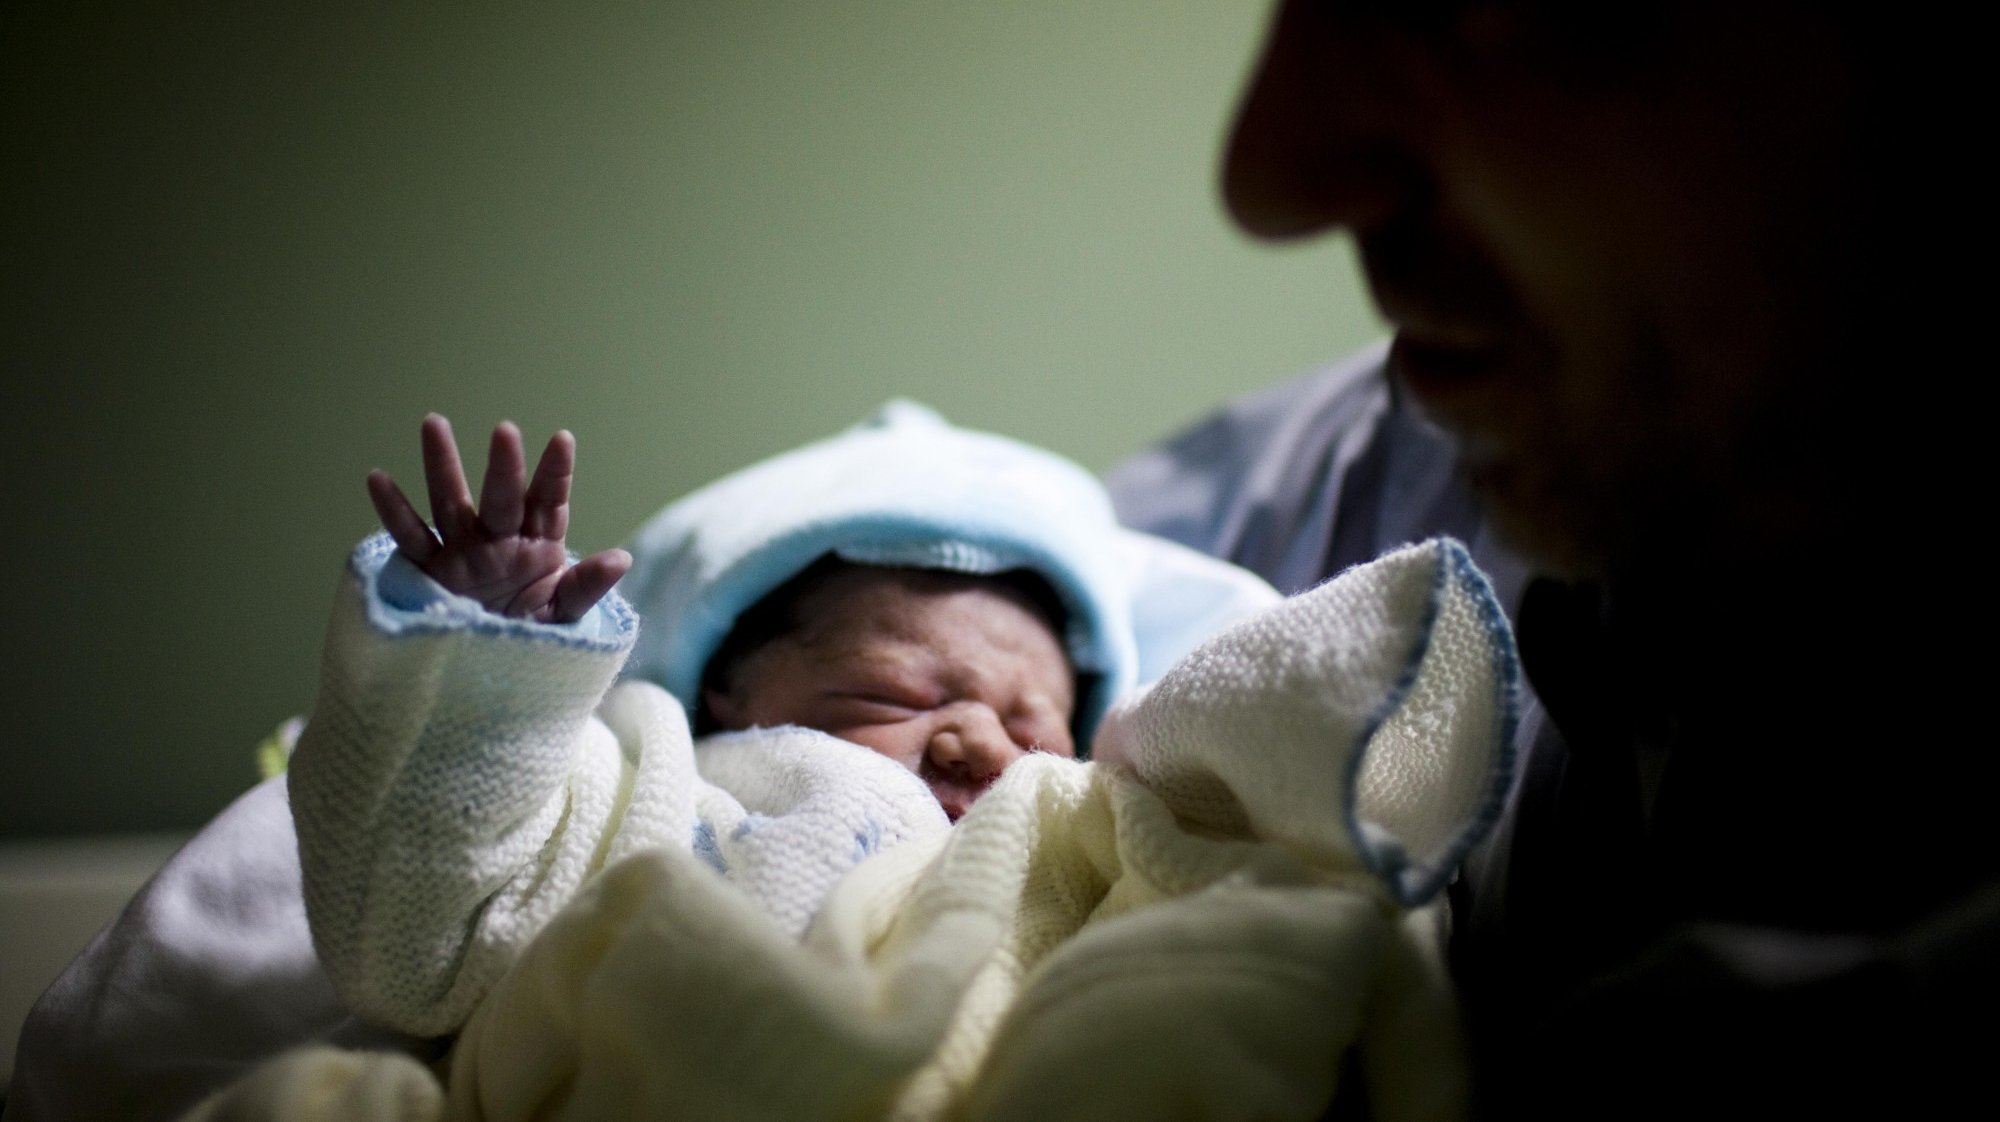 Lusa_Covid-19: Hospital de Aveiro volta a permitir visita do pai a recém-nascidos